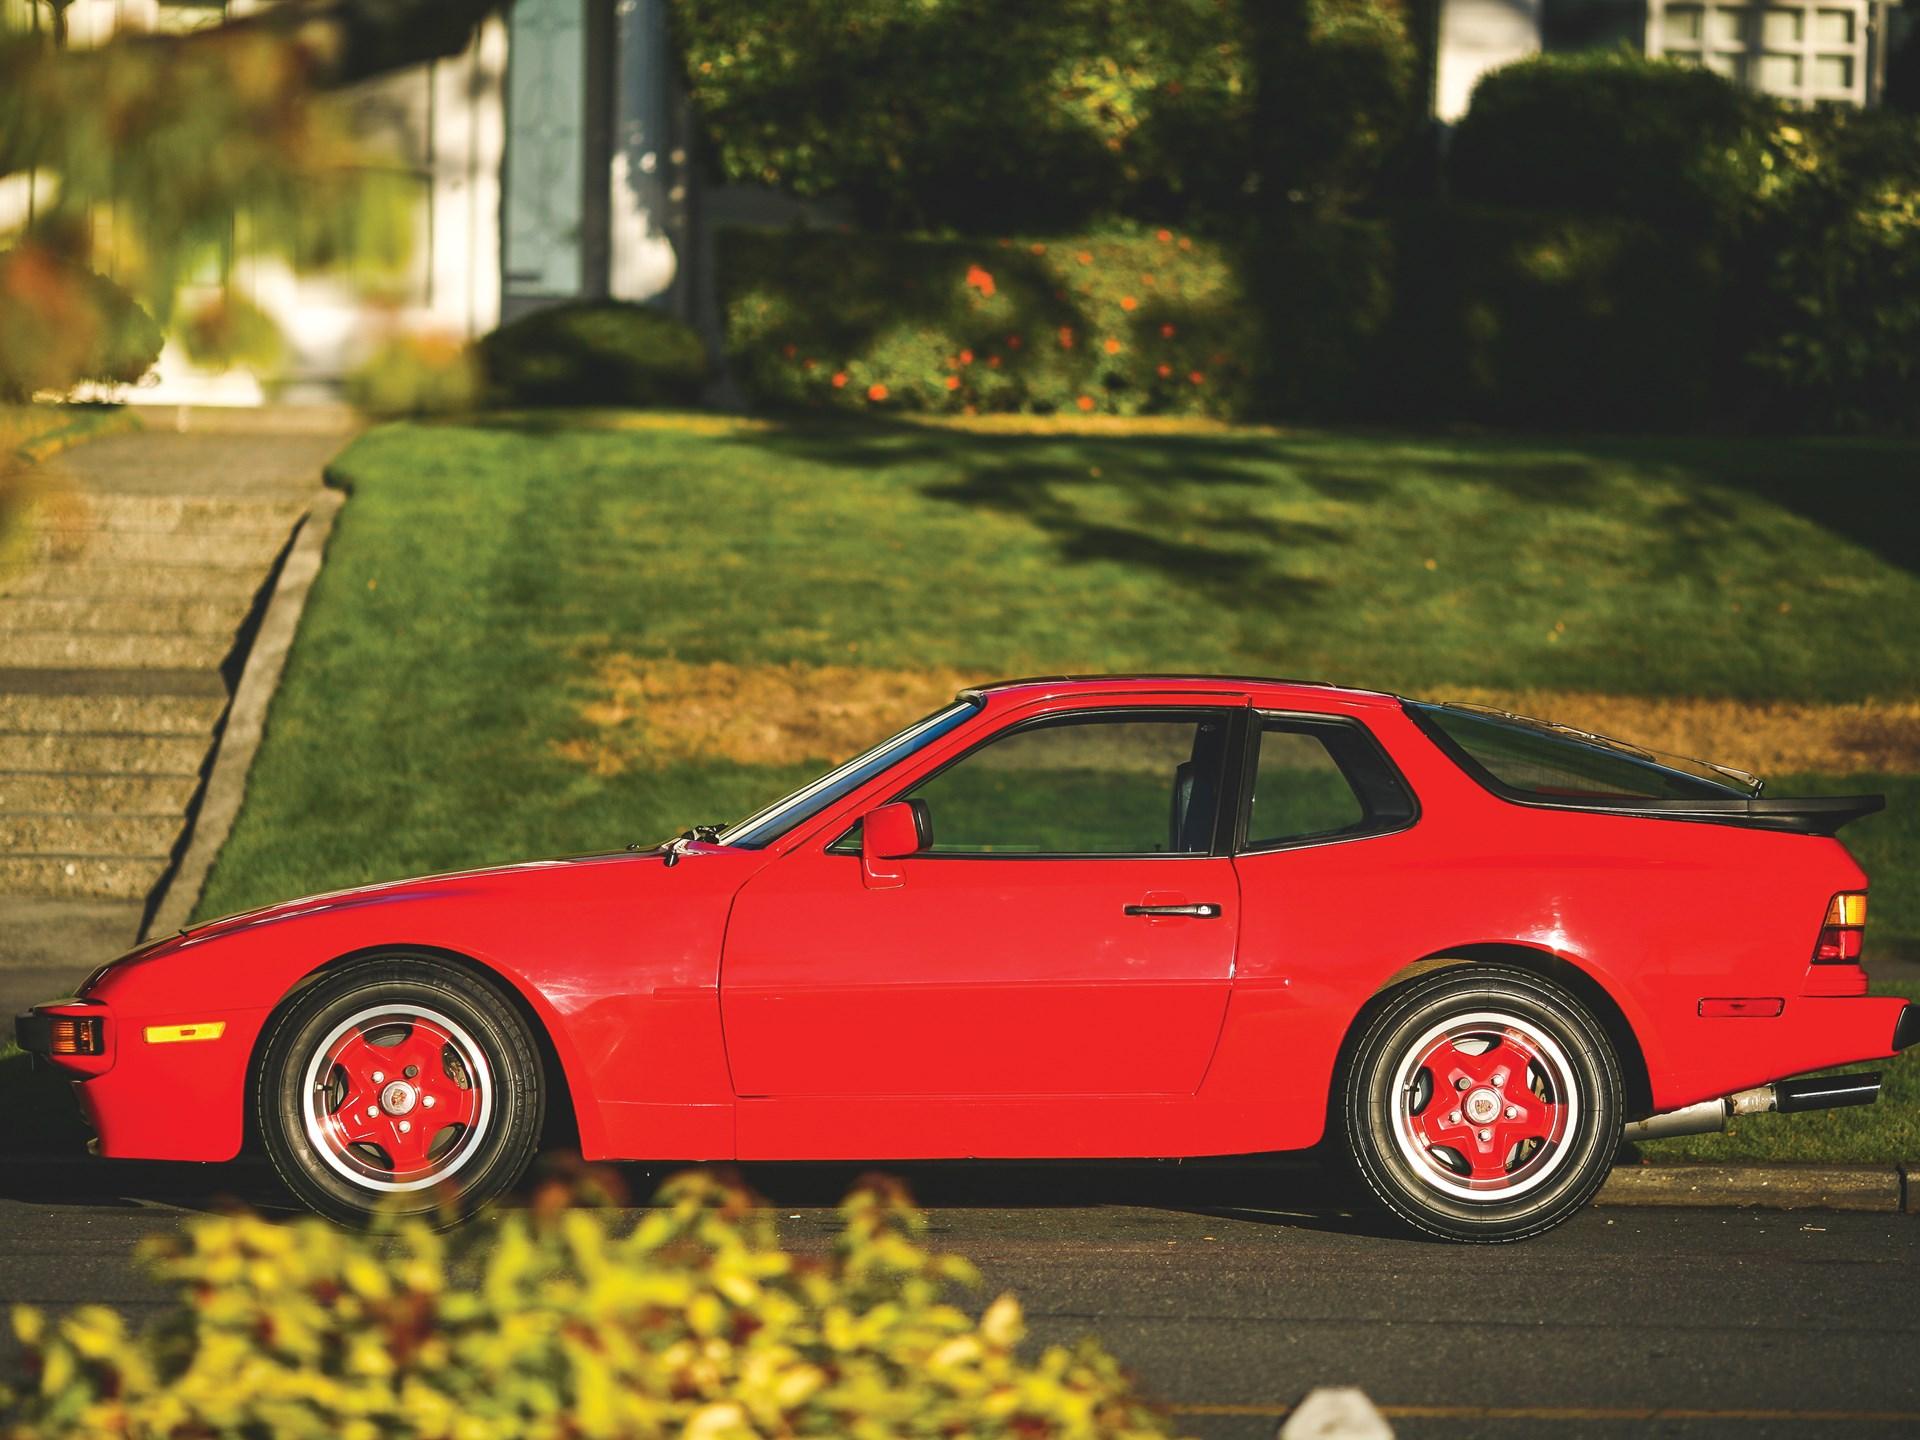 1984 Porsche 944 side view